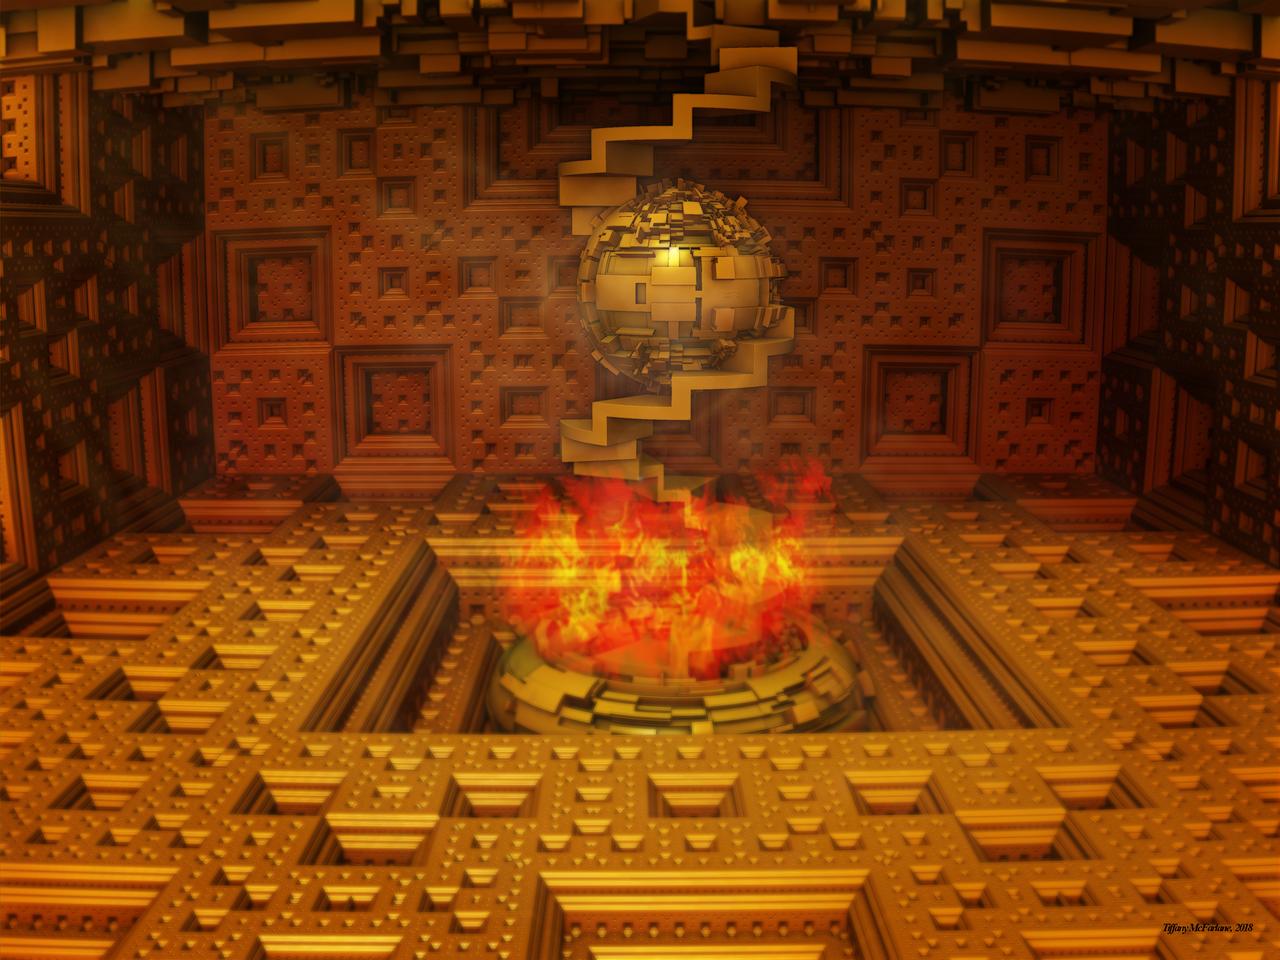 The Golden Atrium